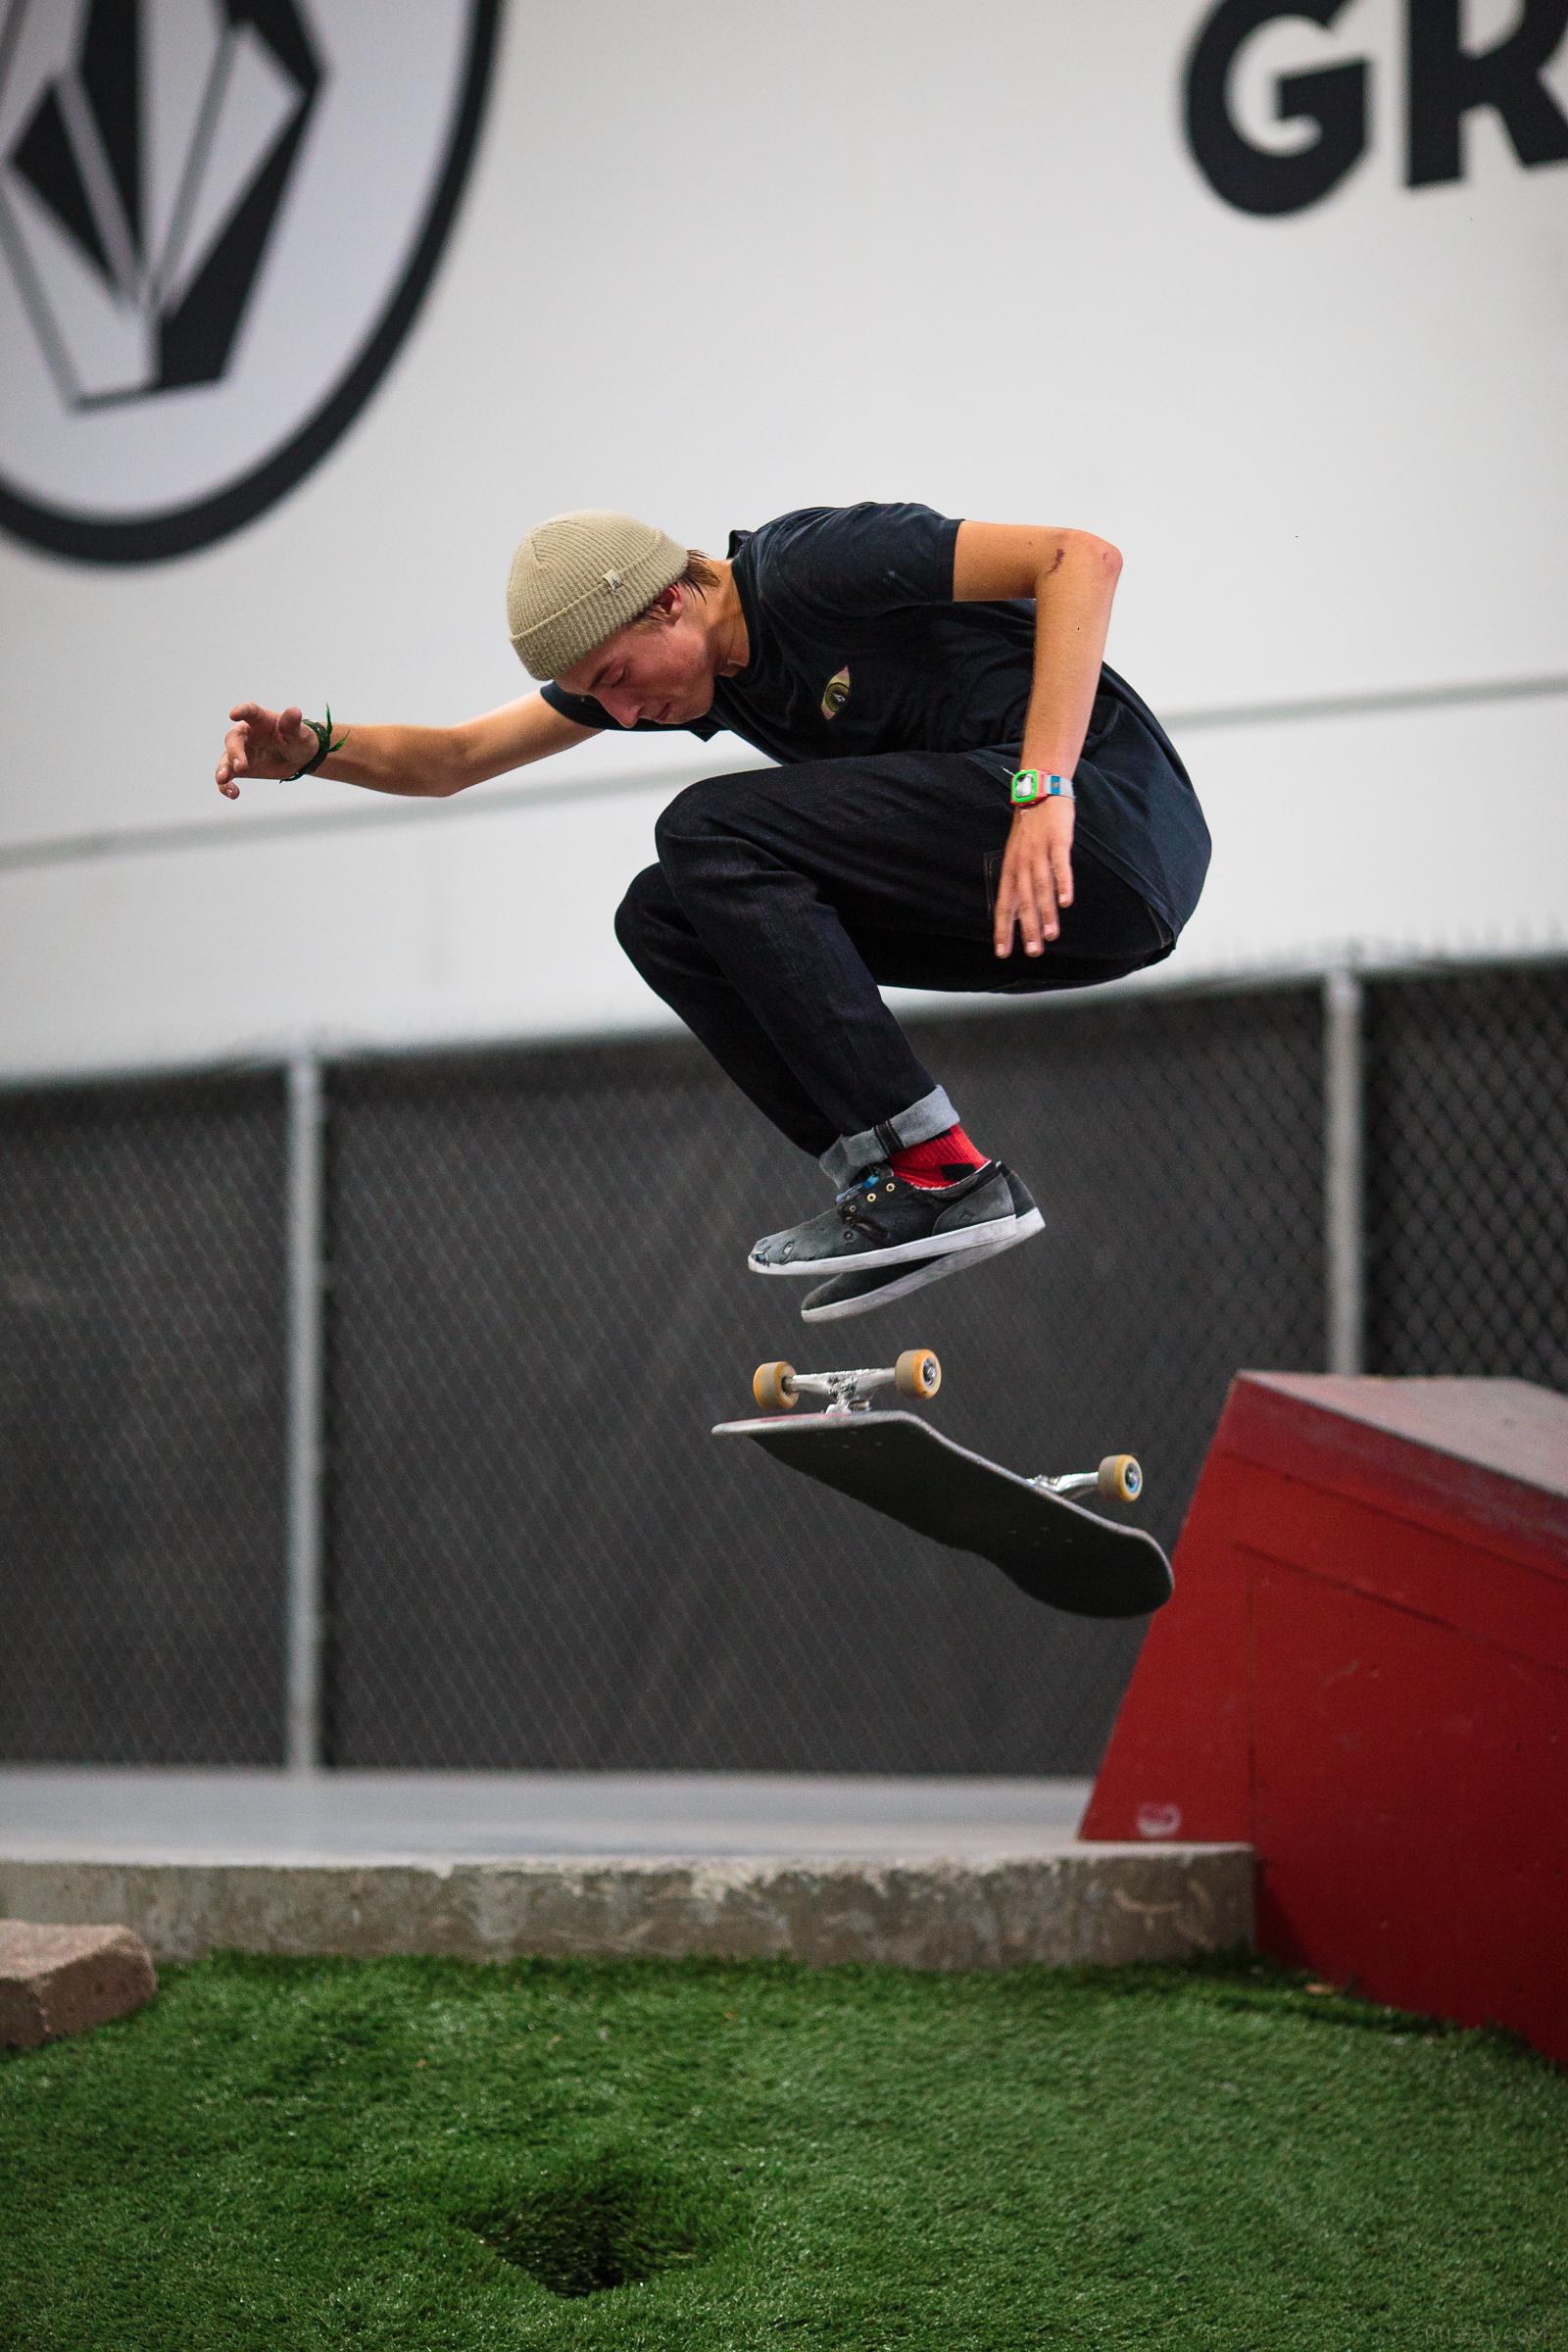 skate_gap_hardflip_riley.jpg